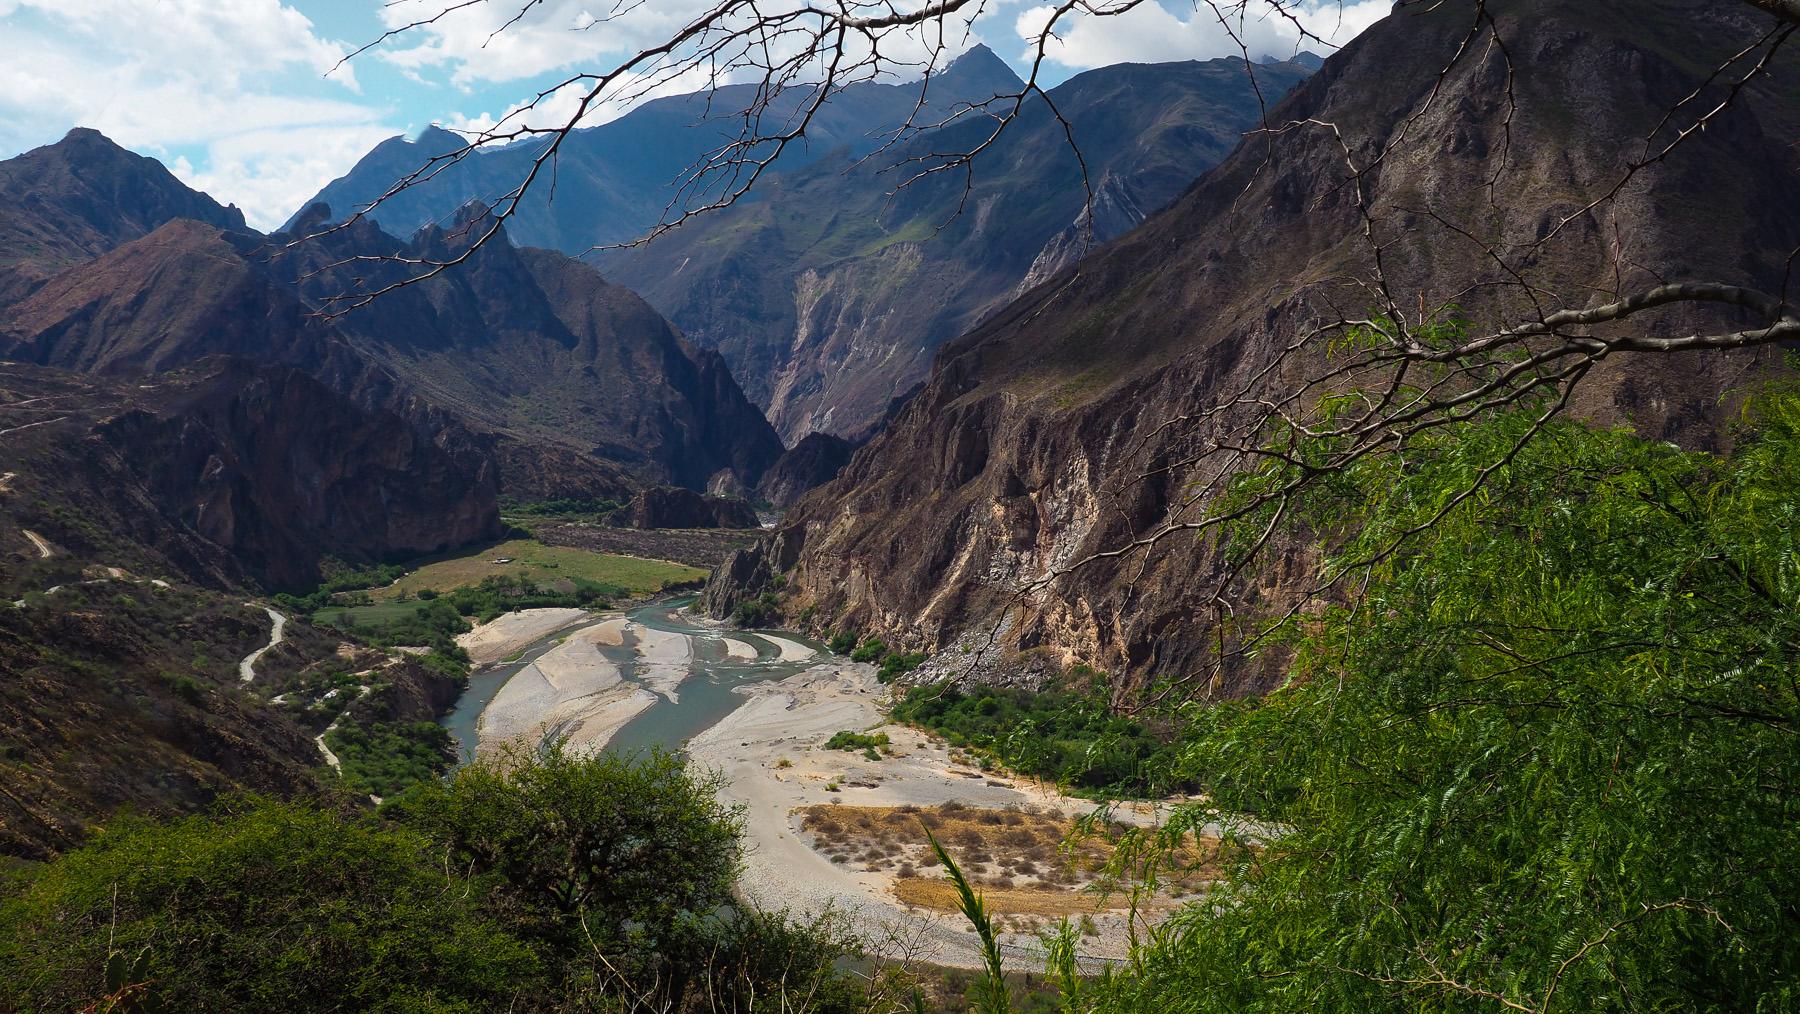 Der schöne Apurimac Canyon